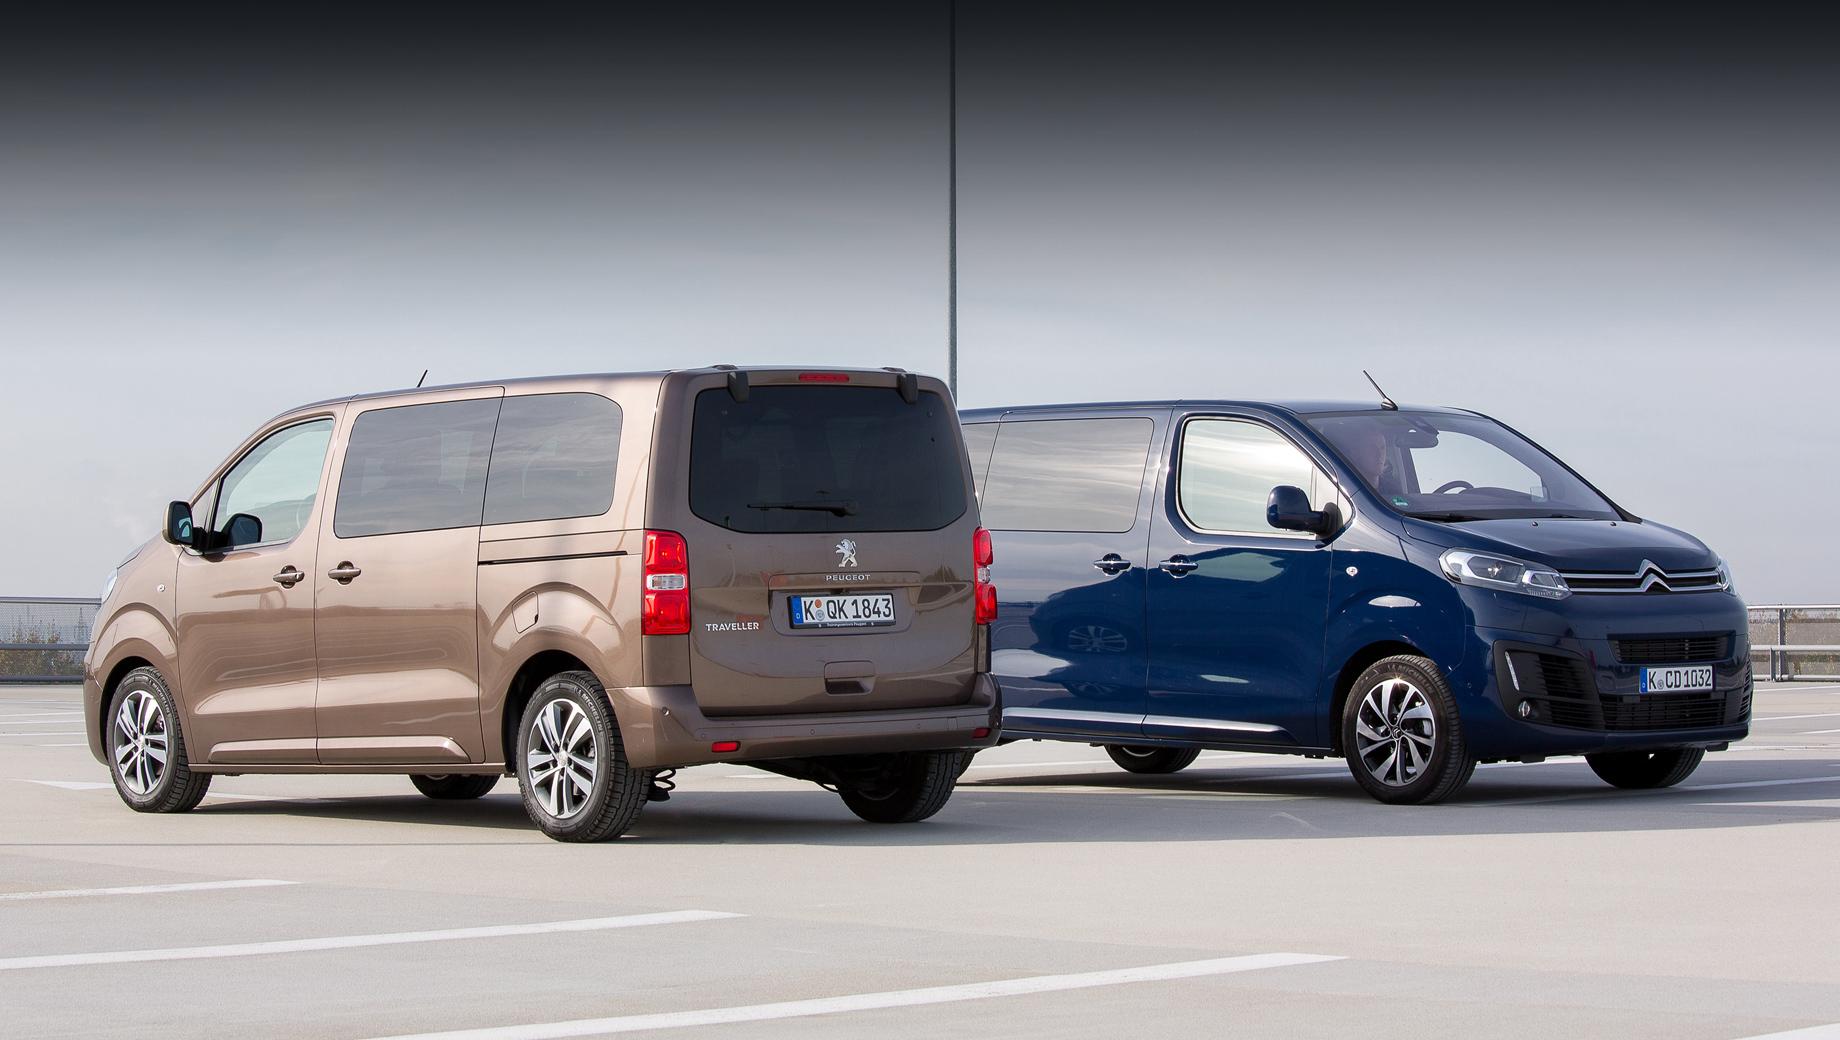 Peugeot traveller,Peugeot expert,Citroen spacetourer,Citroen jumpy. Напомним, что родственные французские модели локализованы на заводе «ПСМА Рус» в Калуге с весны 2018-го. Оба пассажирских вэна — Peugeot Traveller и Citroen SpaceTourer — в 2019 году нашли 2258 покупателей.